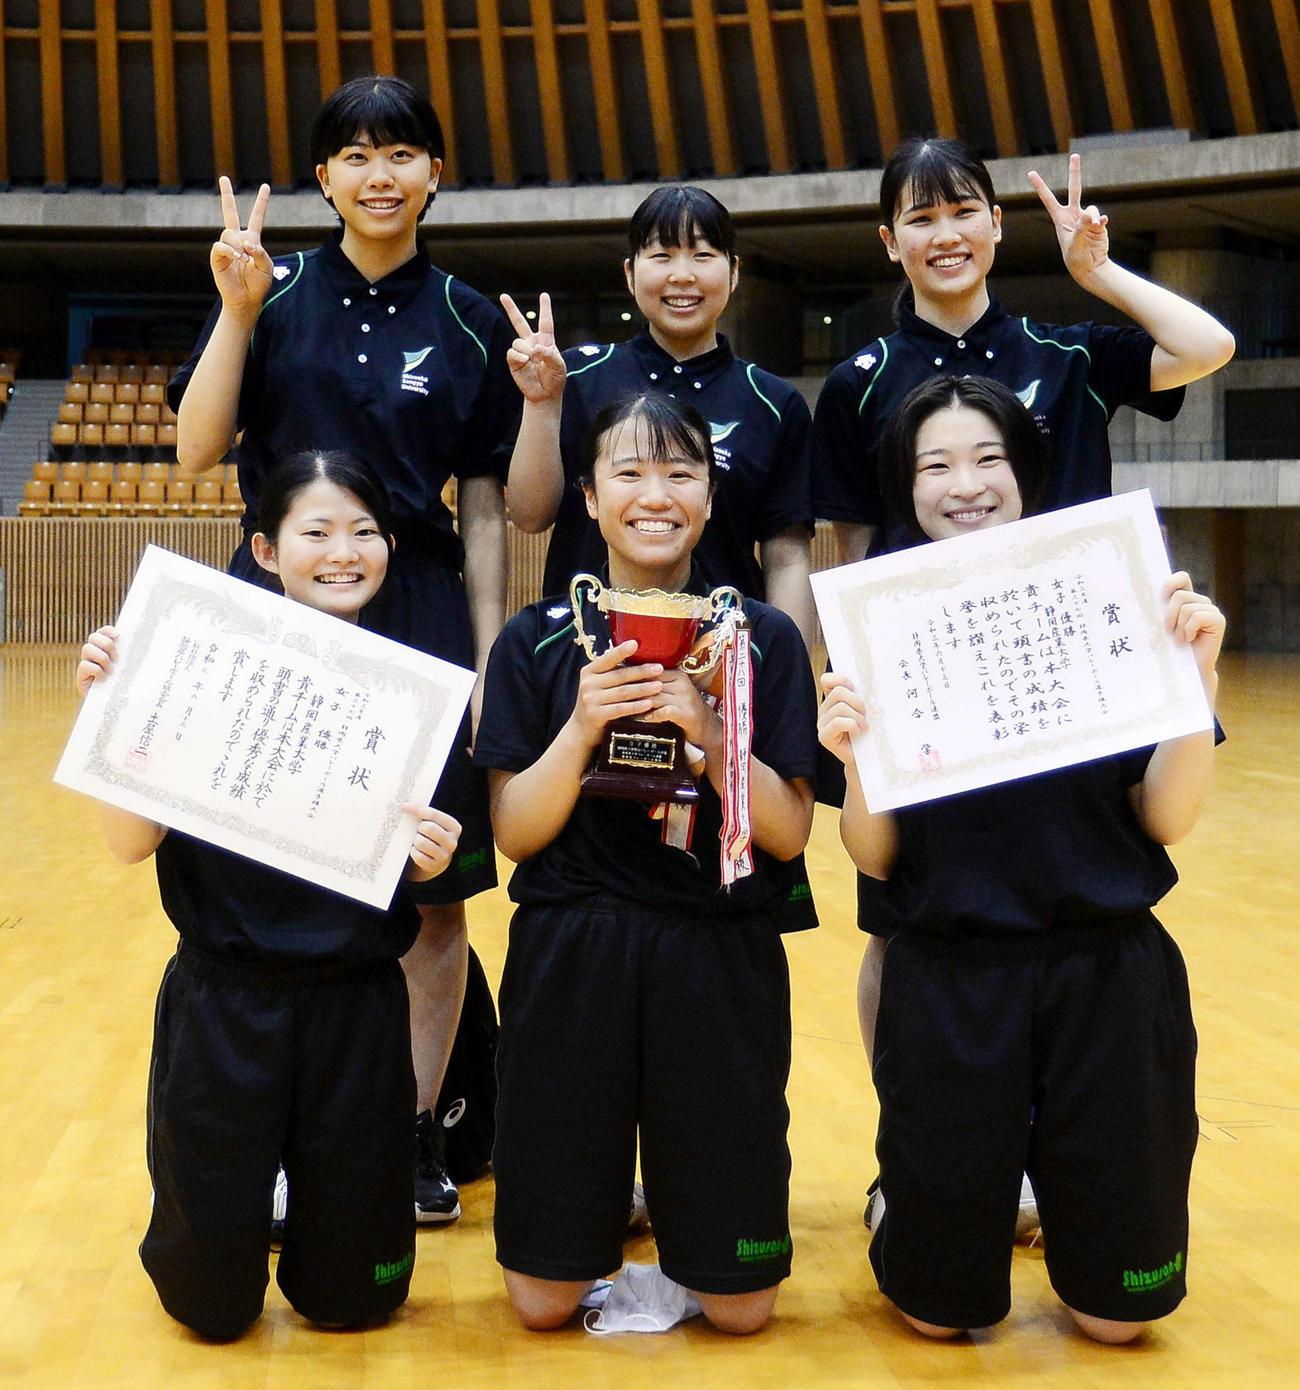 3年ぶりの女王に輝いた静岡産大の選手たち。前列中央が伊藤主将